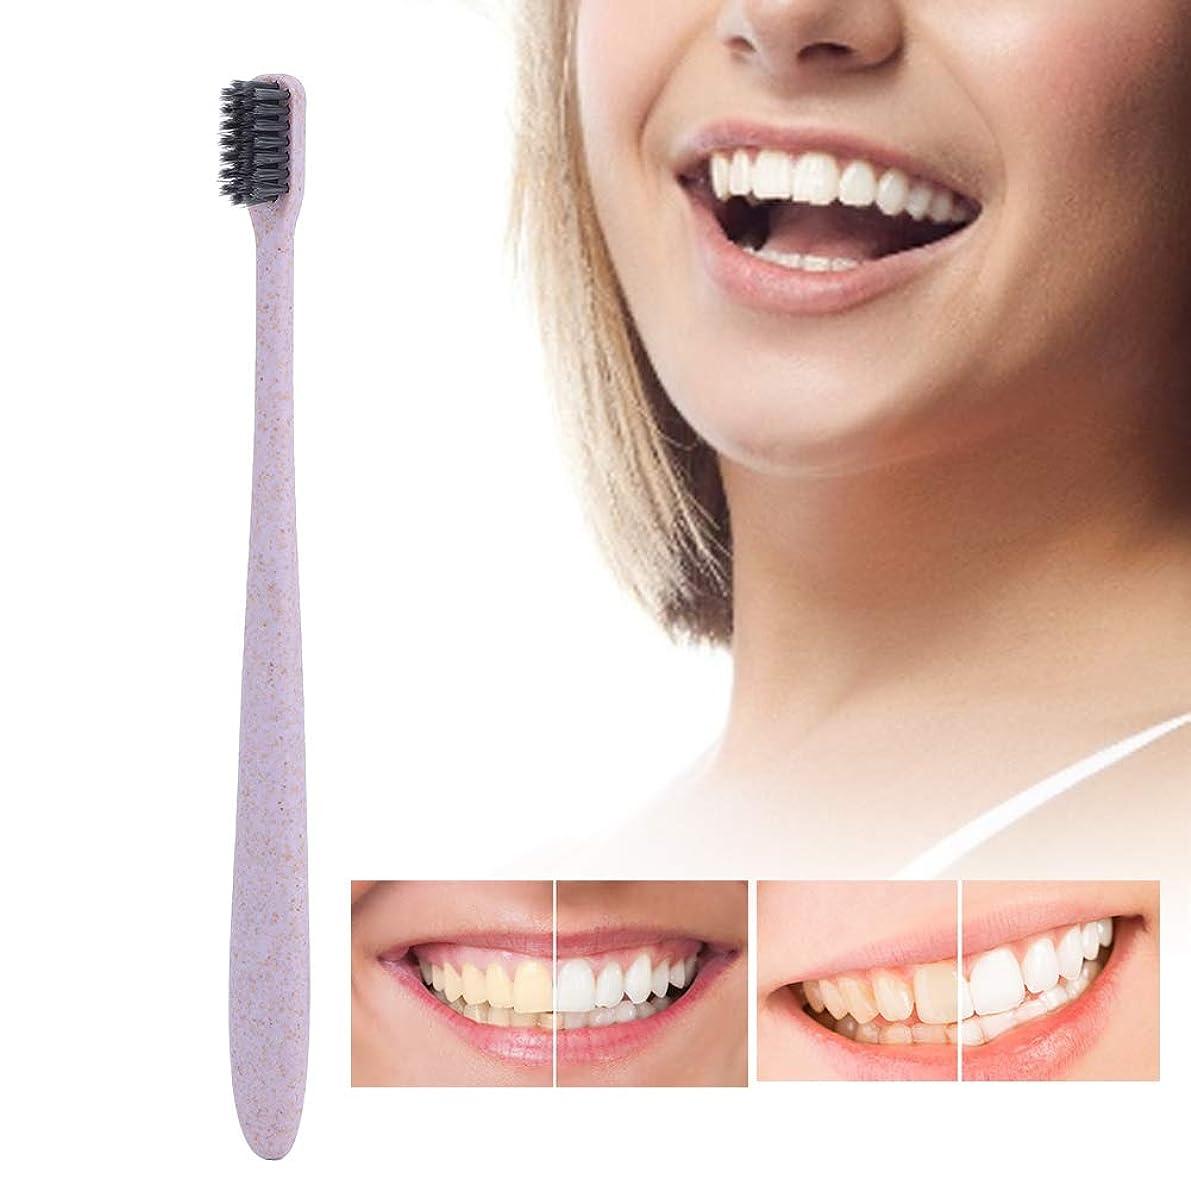 祖先目立つ社会科10ピース歯ブラシ、柔らかい竹炭ブラシ髪小麦ハンドル歯ブラシ大人の口腔ケア歯ブラシ